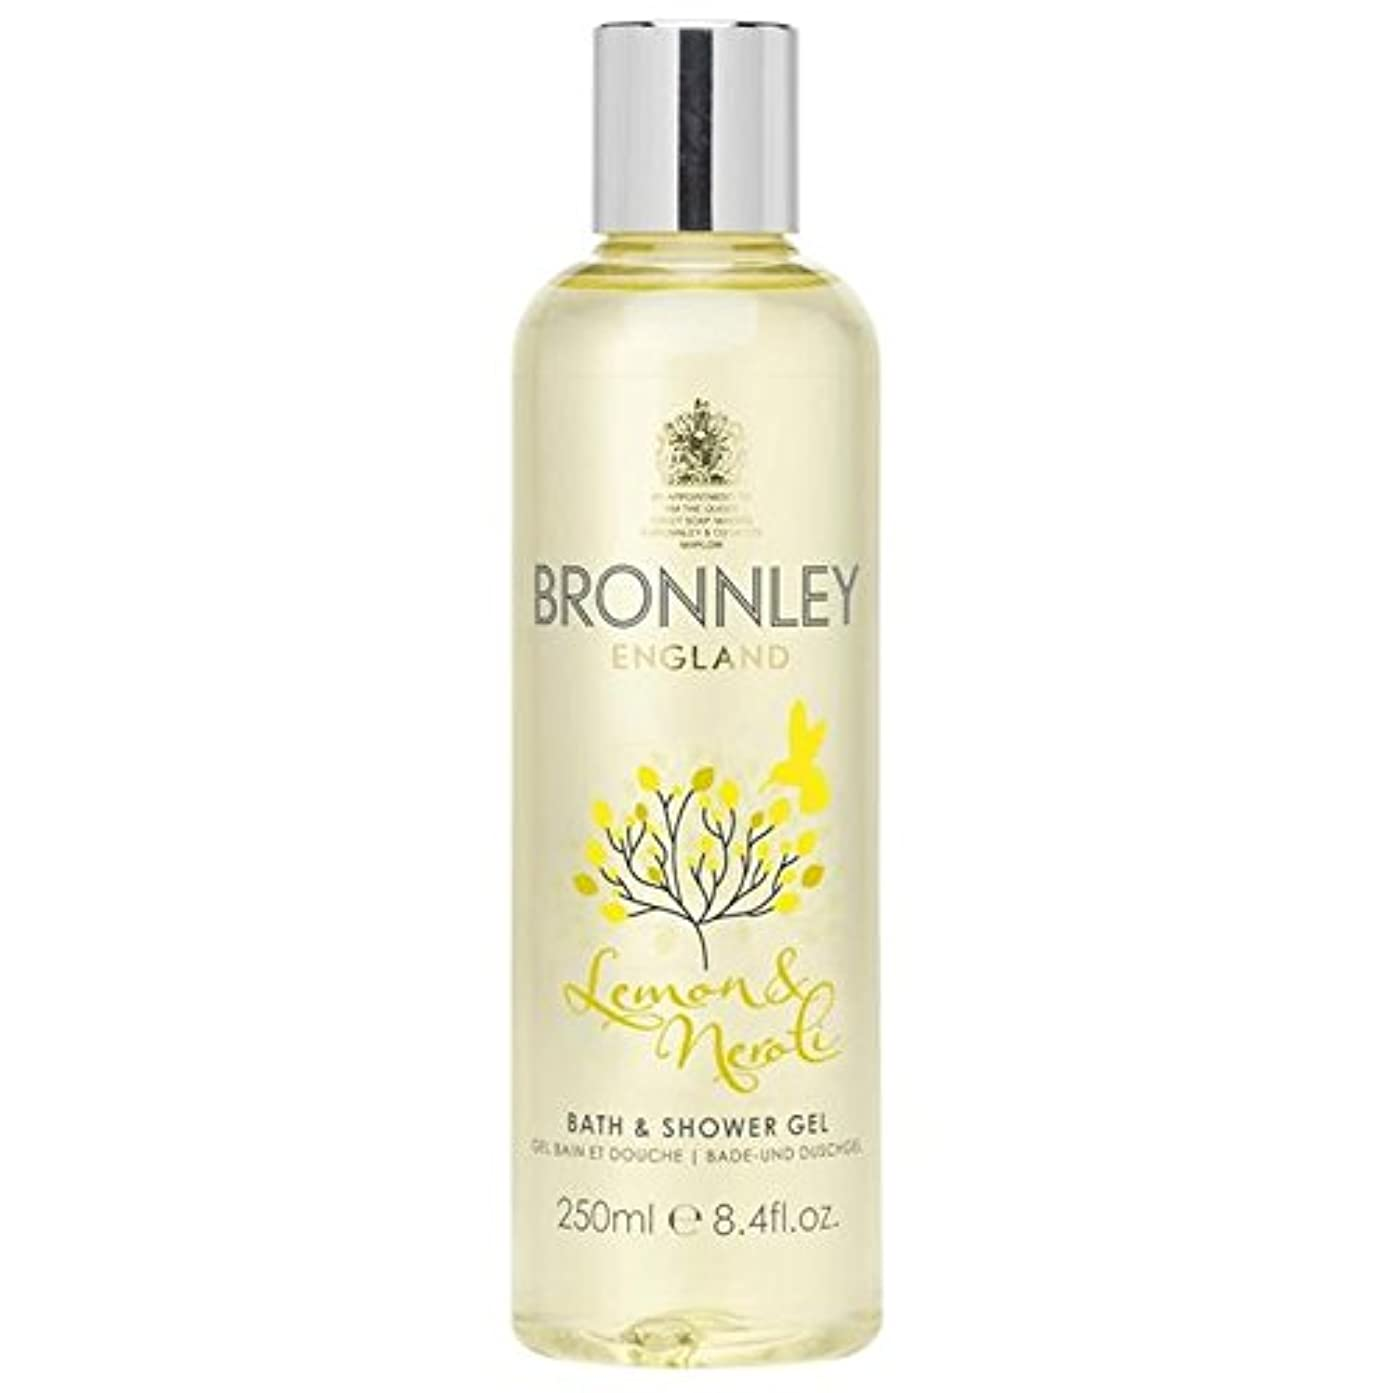 ヒロイン振り子履歴書Bronnley Lemon & Neroli Bath & Shower Gel 250ml (Pack of 6) - レモン&ネロリバス&シャワージェル250ミリリットル x6 [並行輸入品]